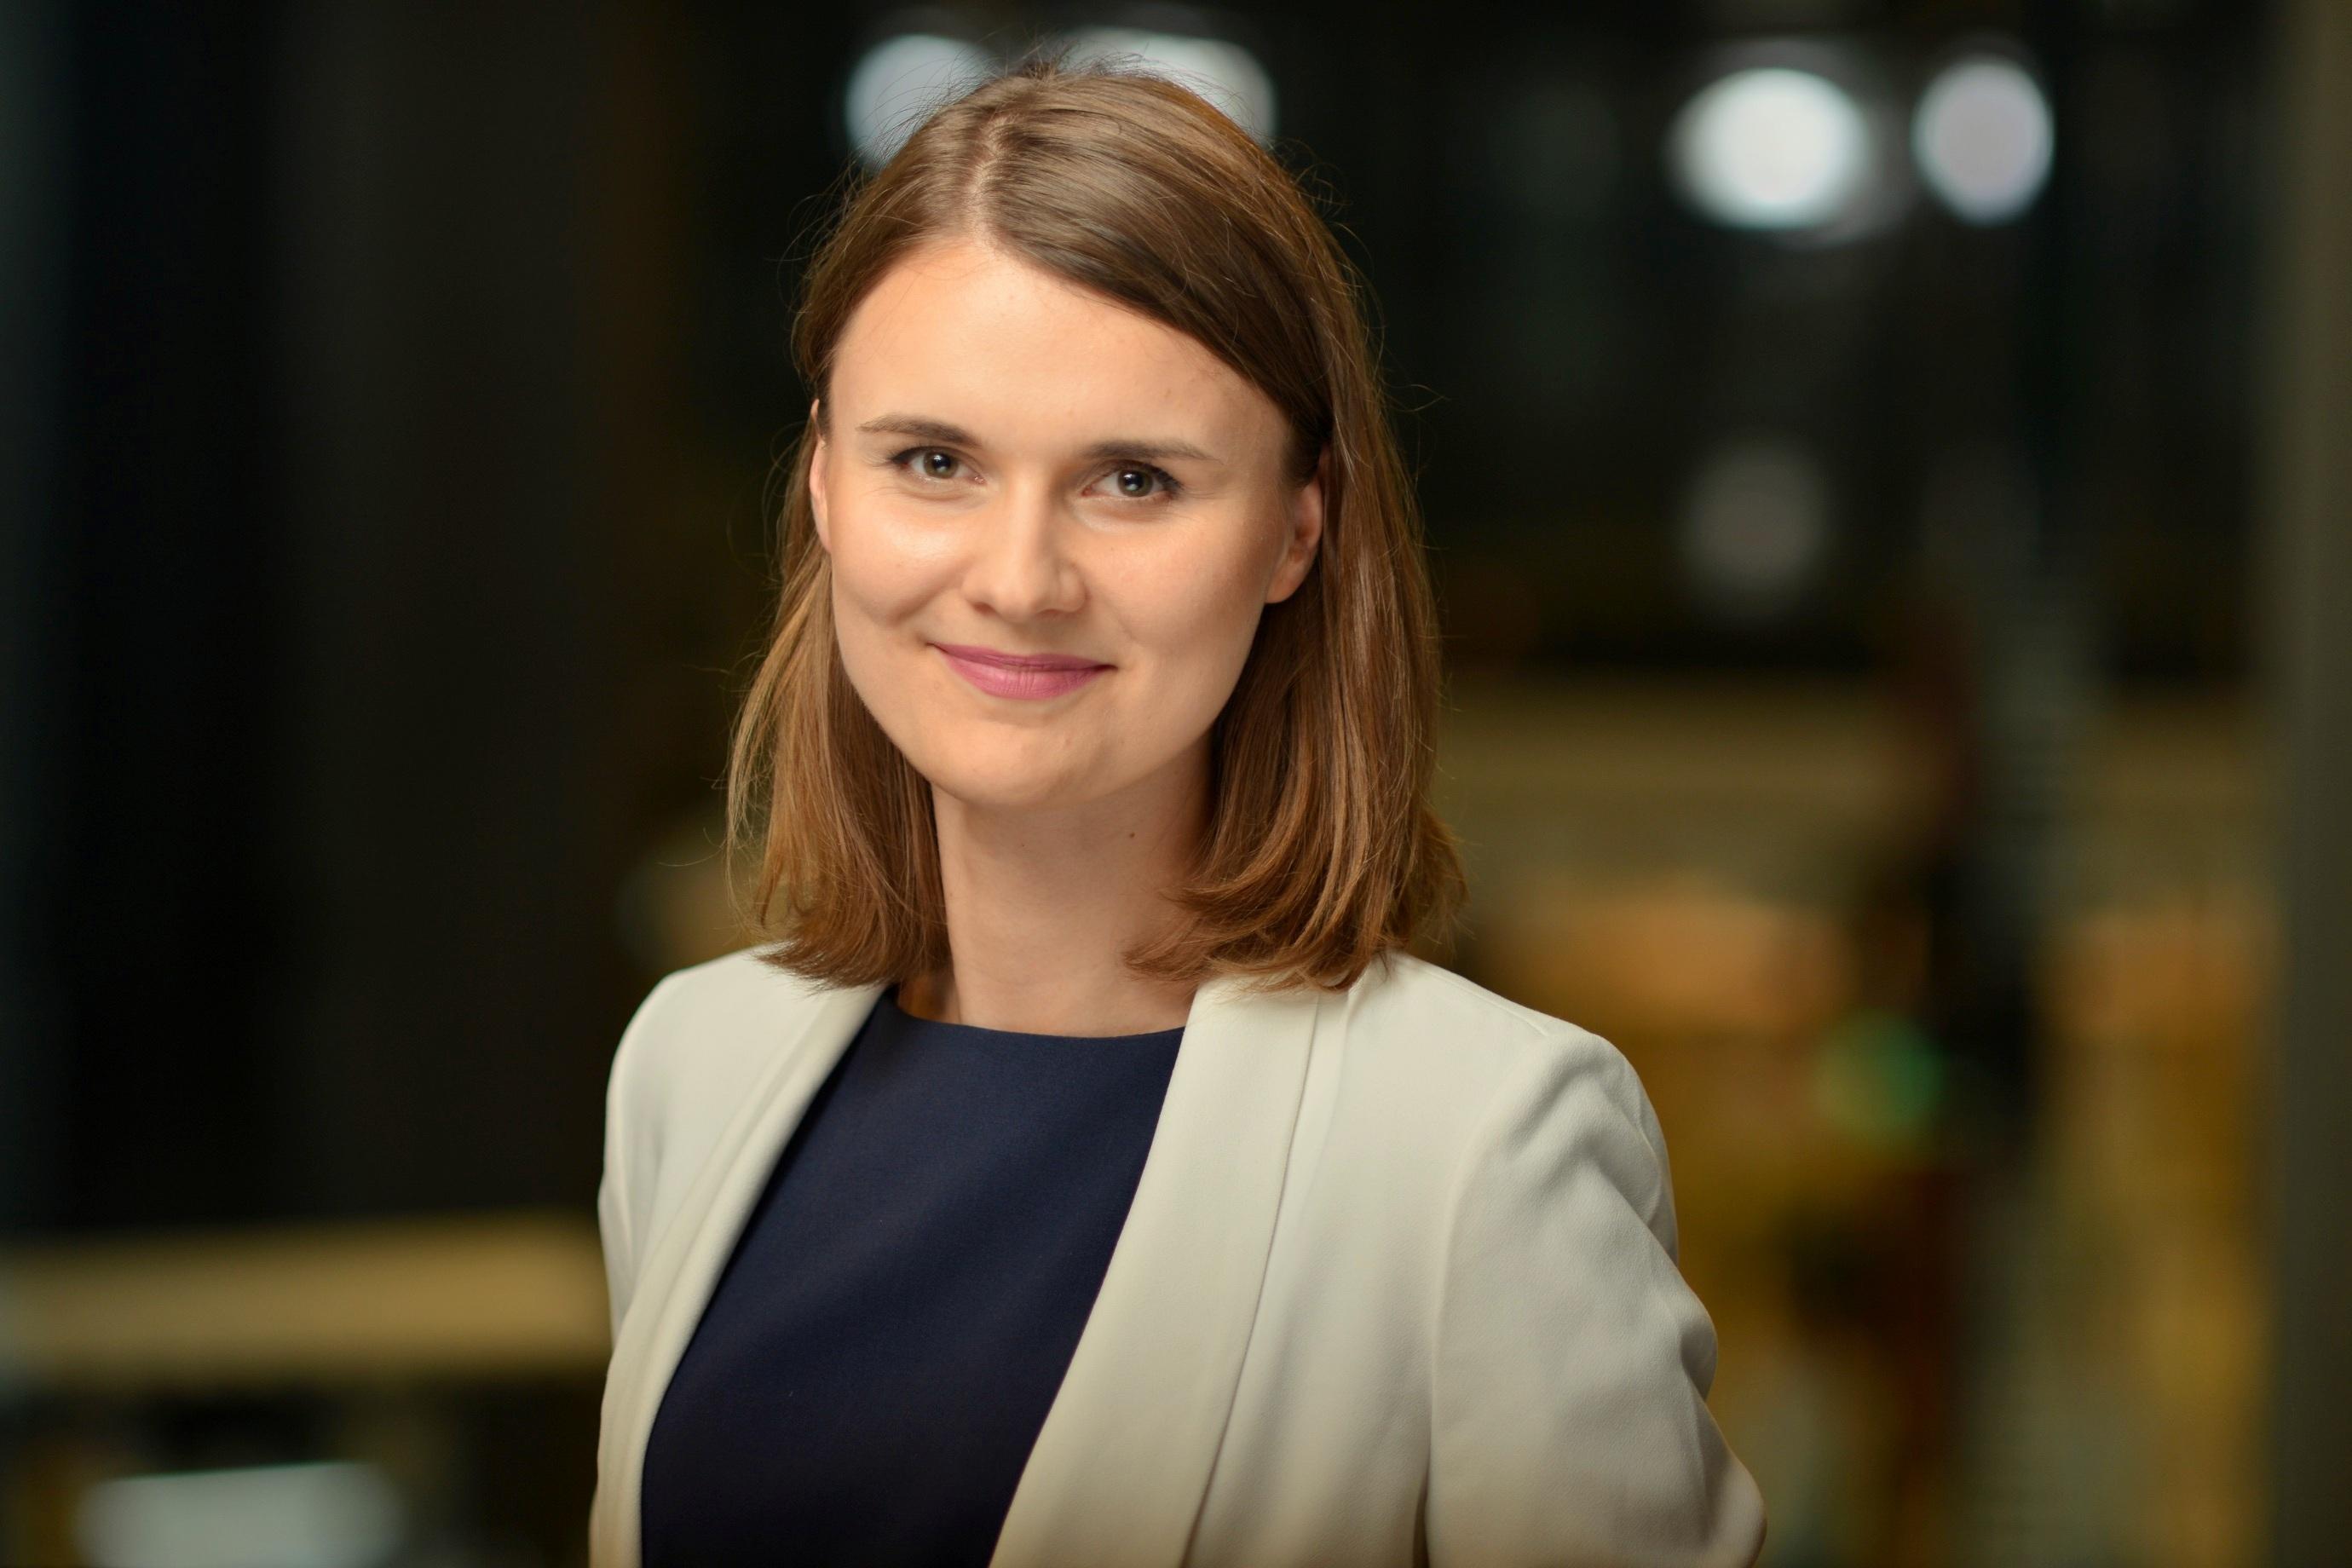 Paulina Kupisz